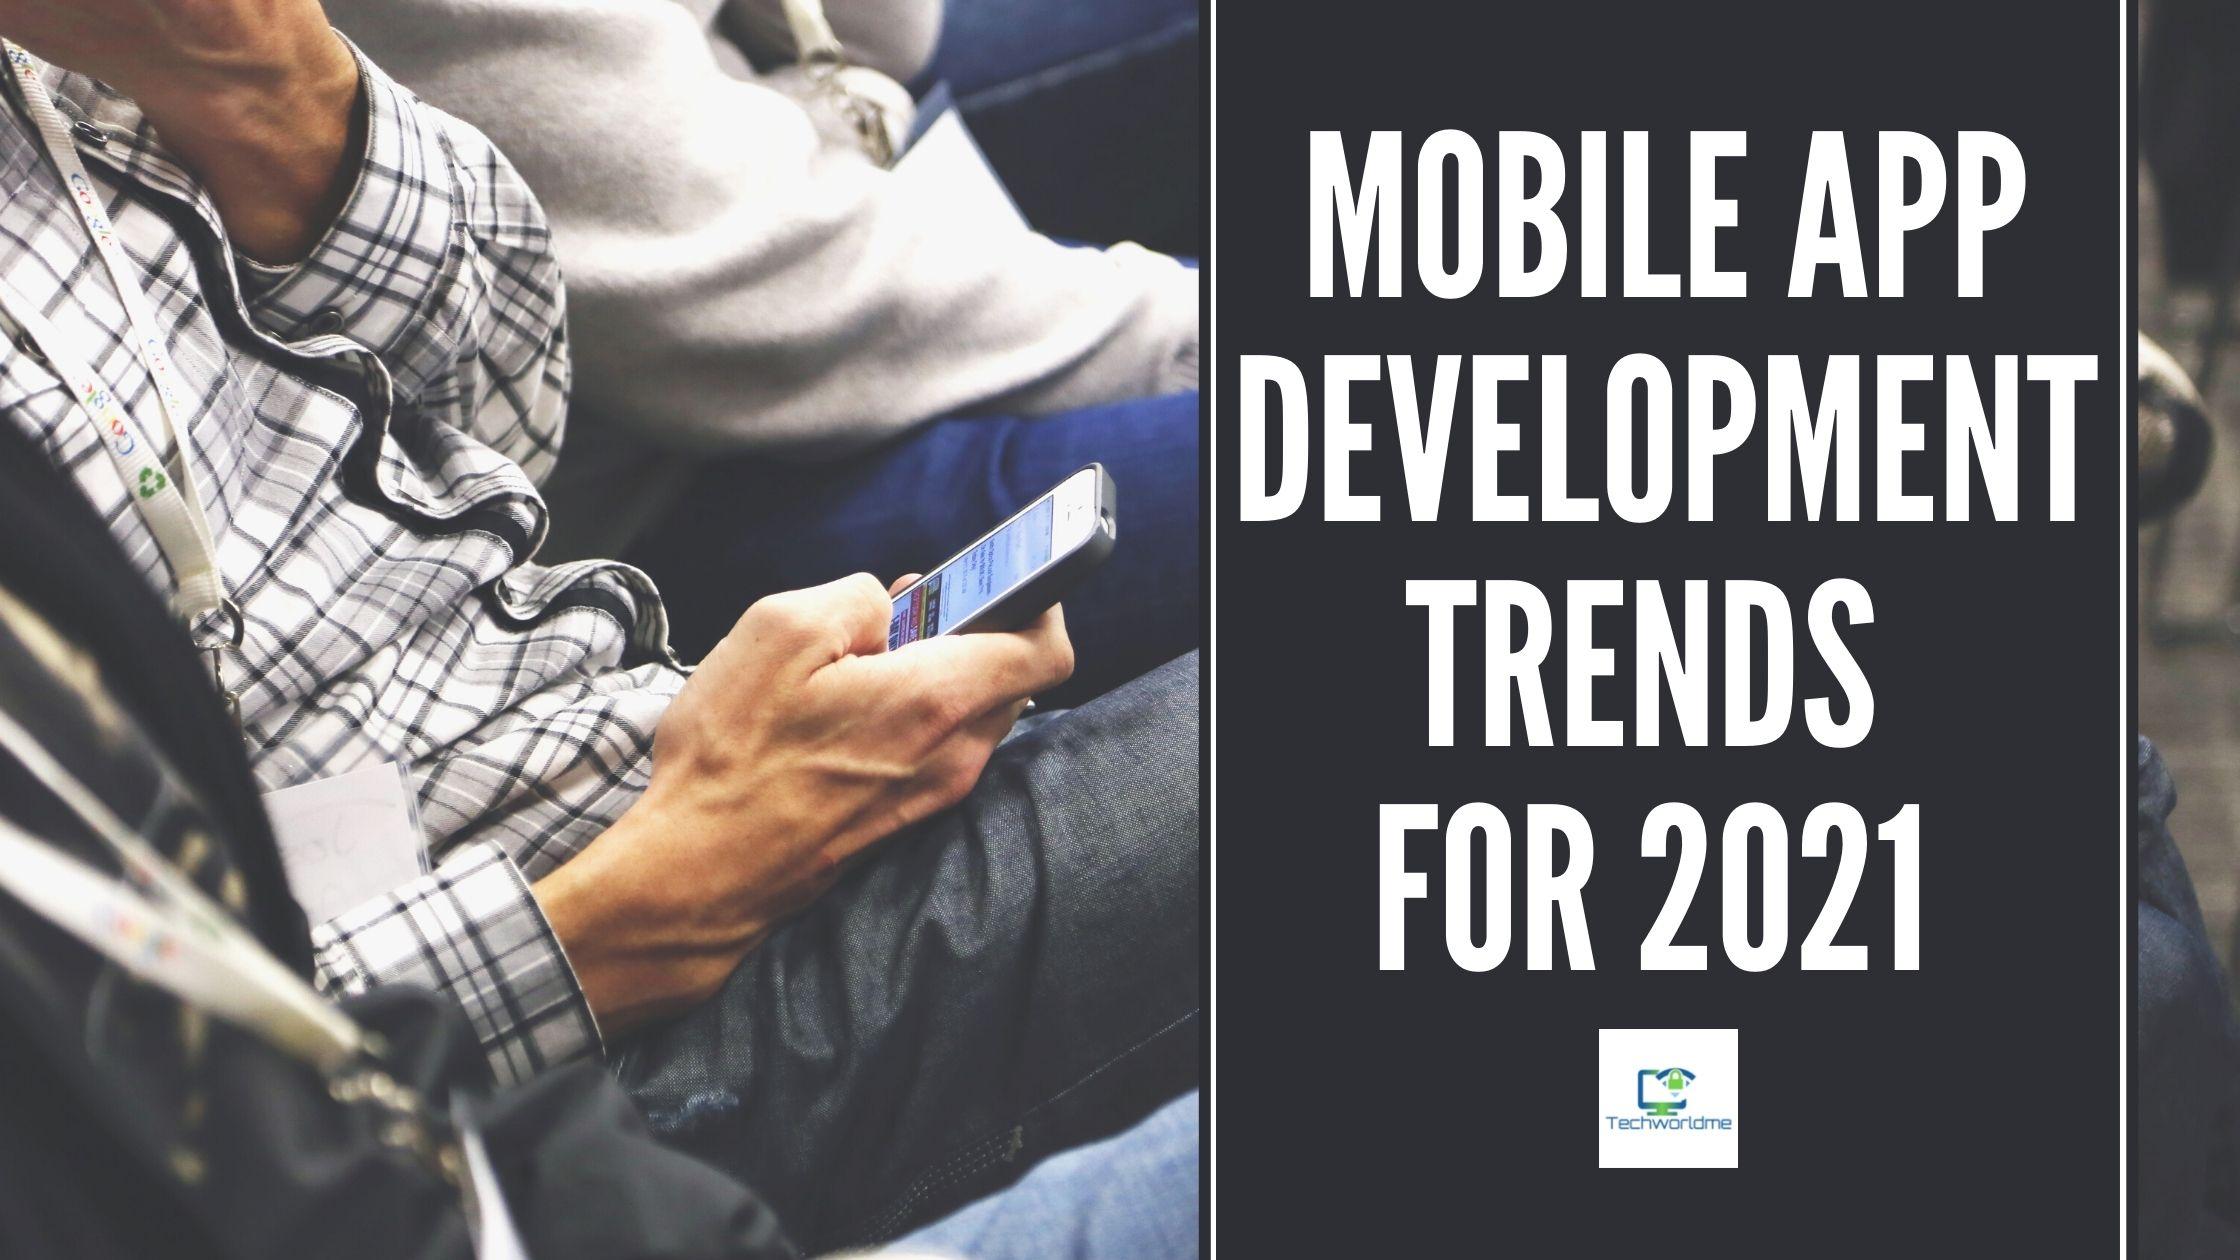 Mobile App Development Trends For 2021